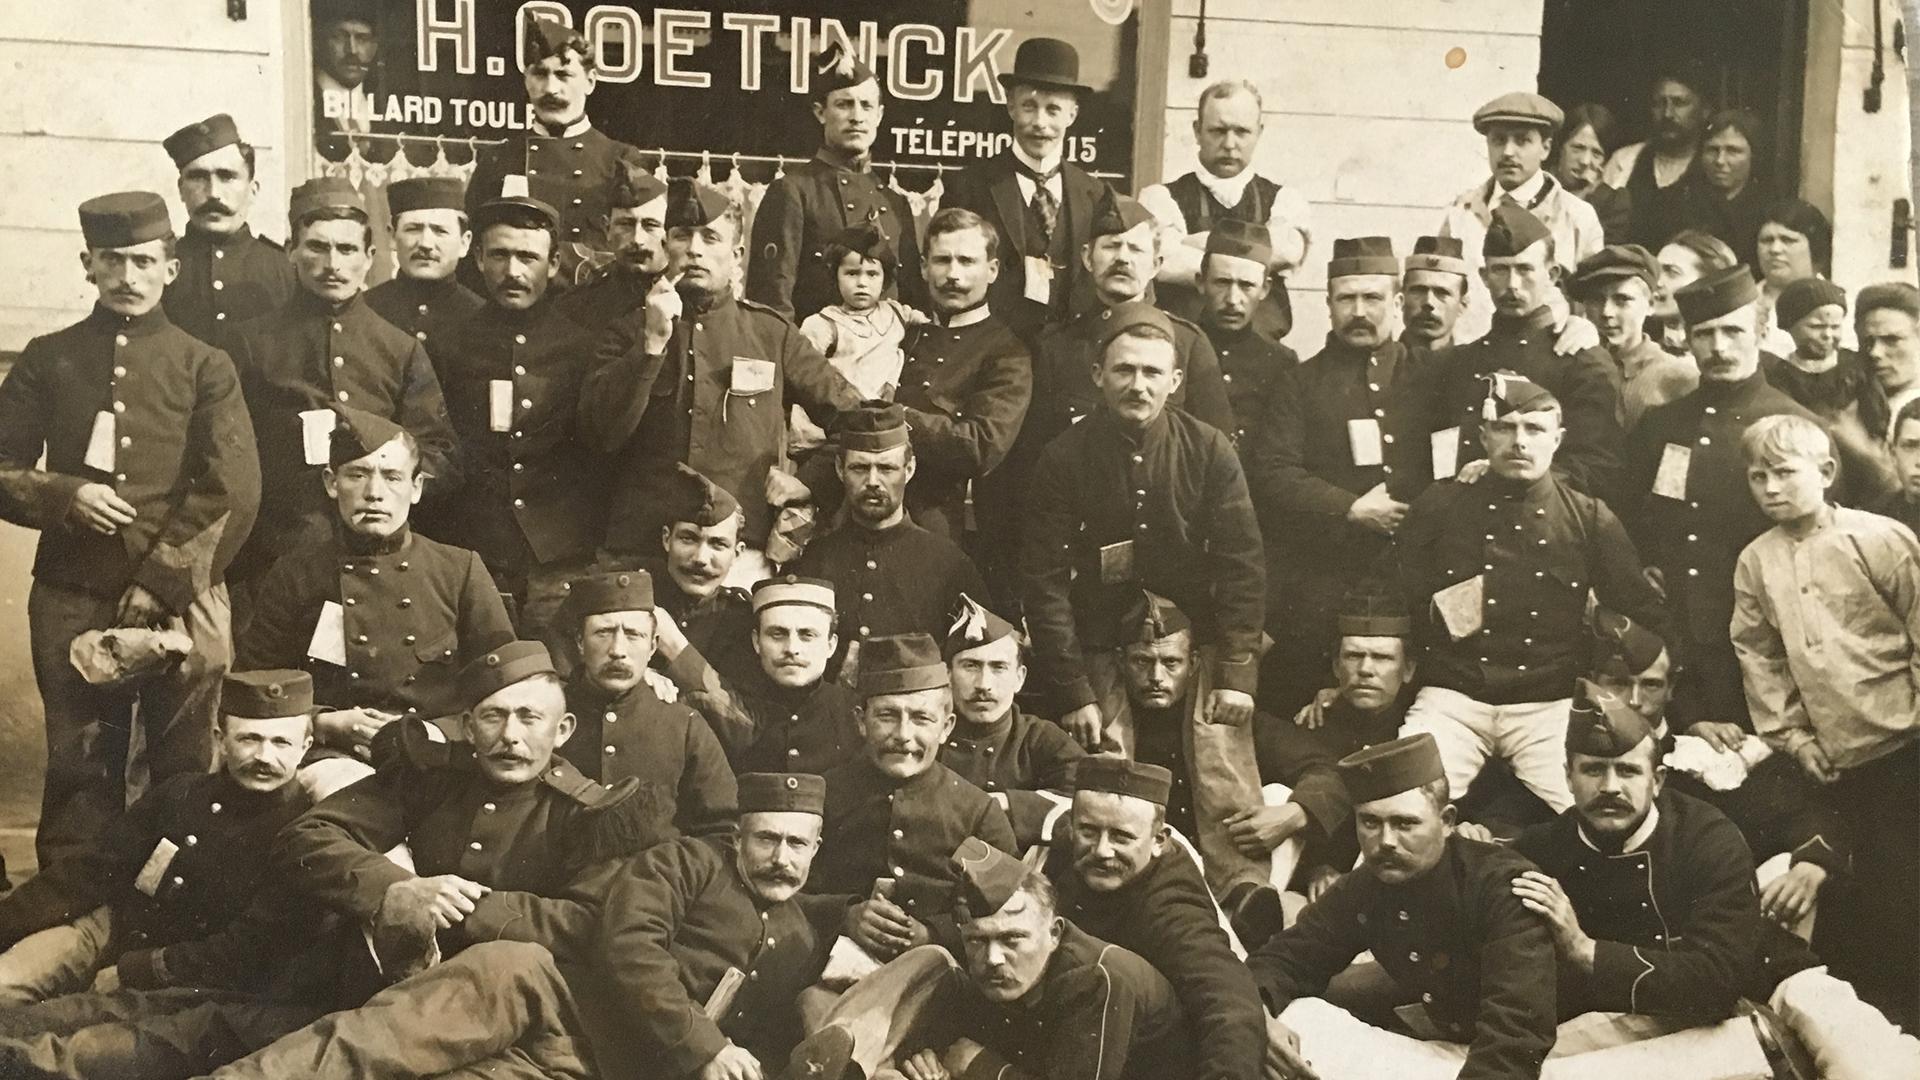 Hector 'Torten' Goetinck, de voetballende soldaat